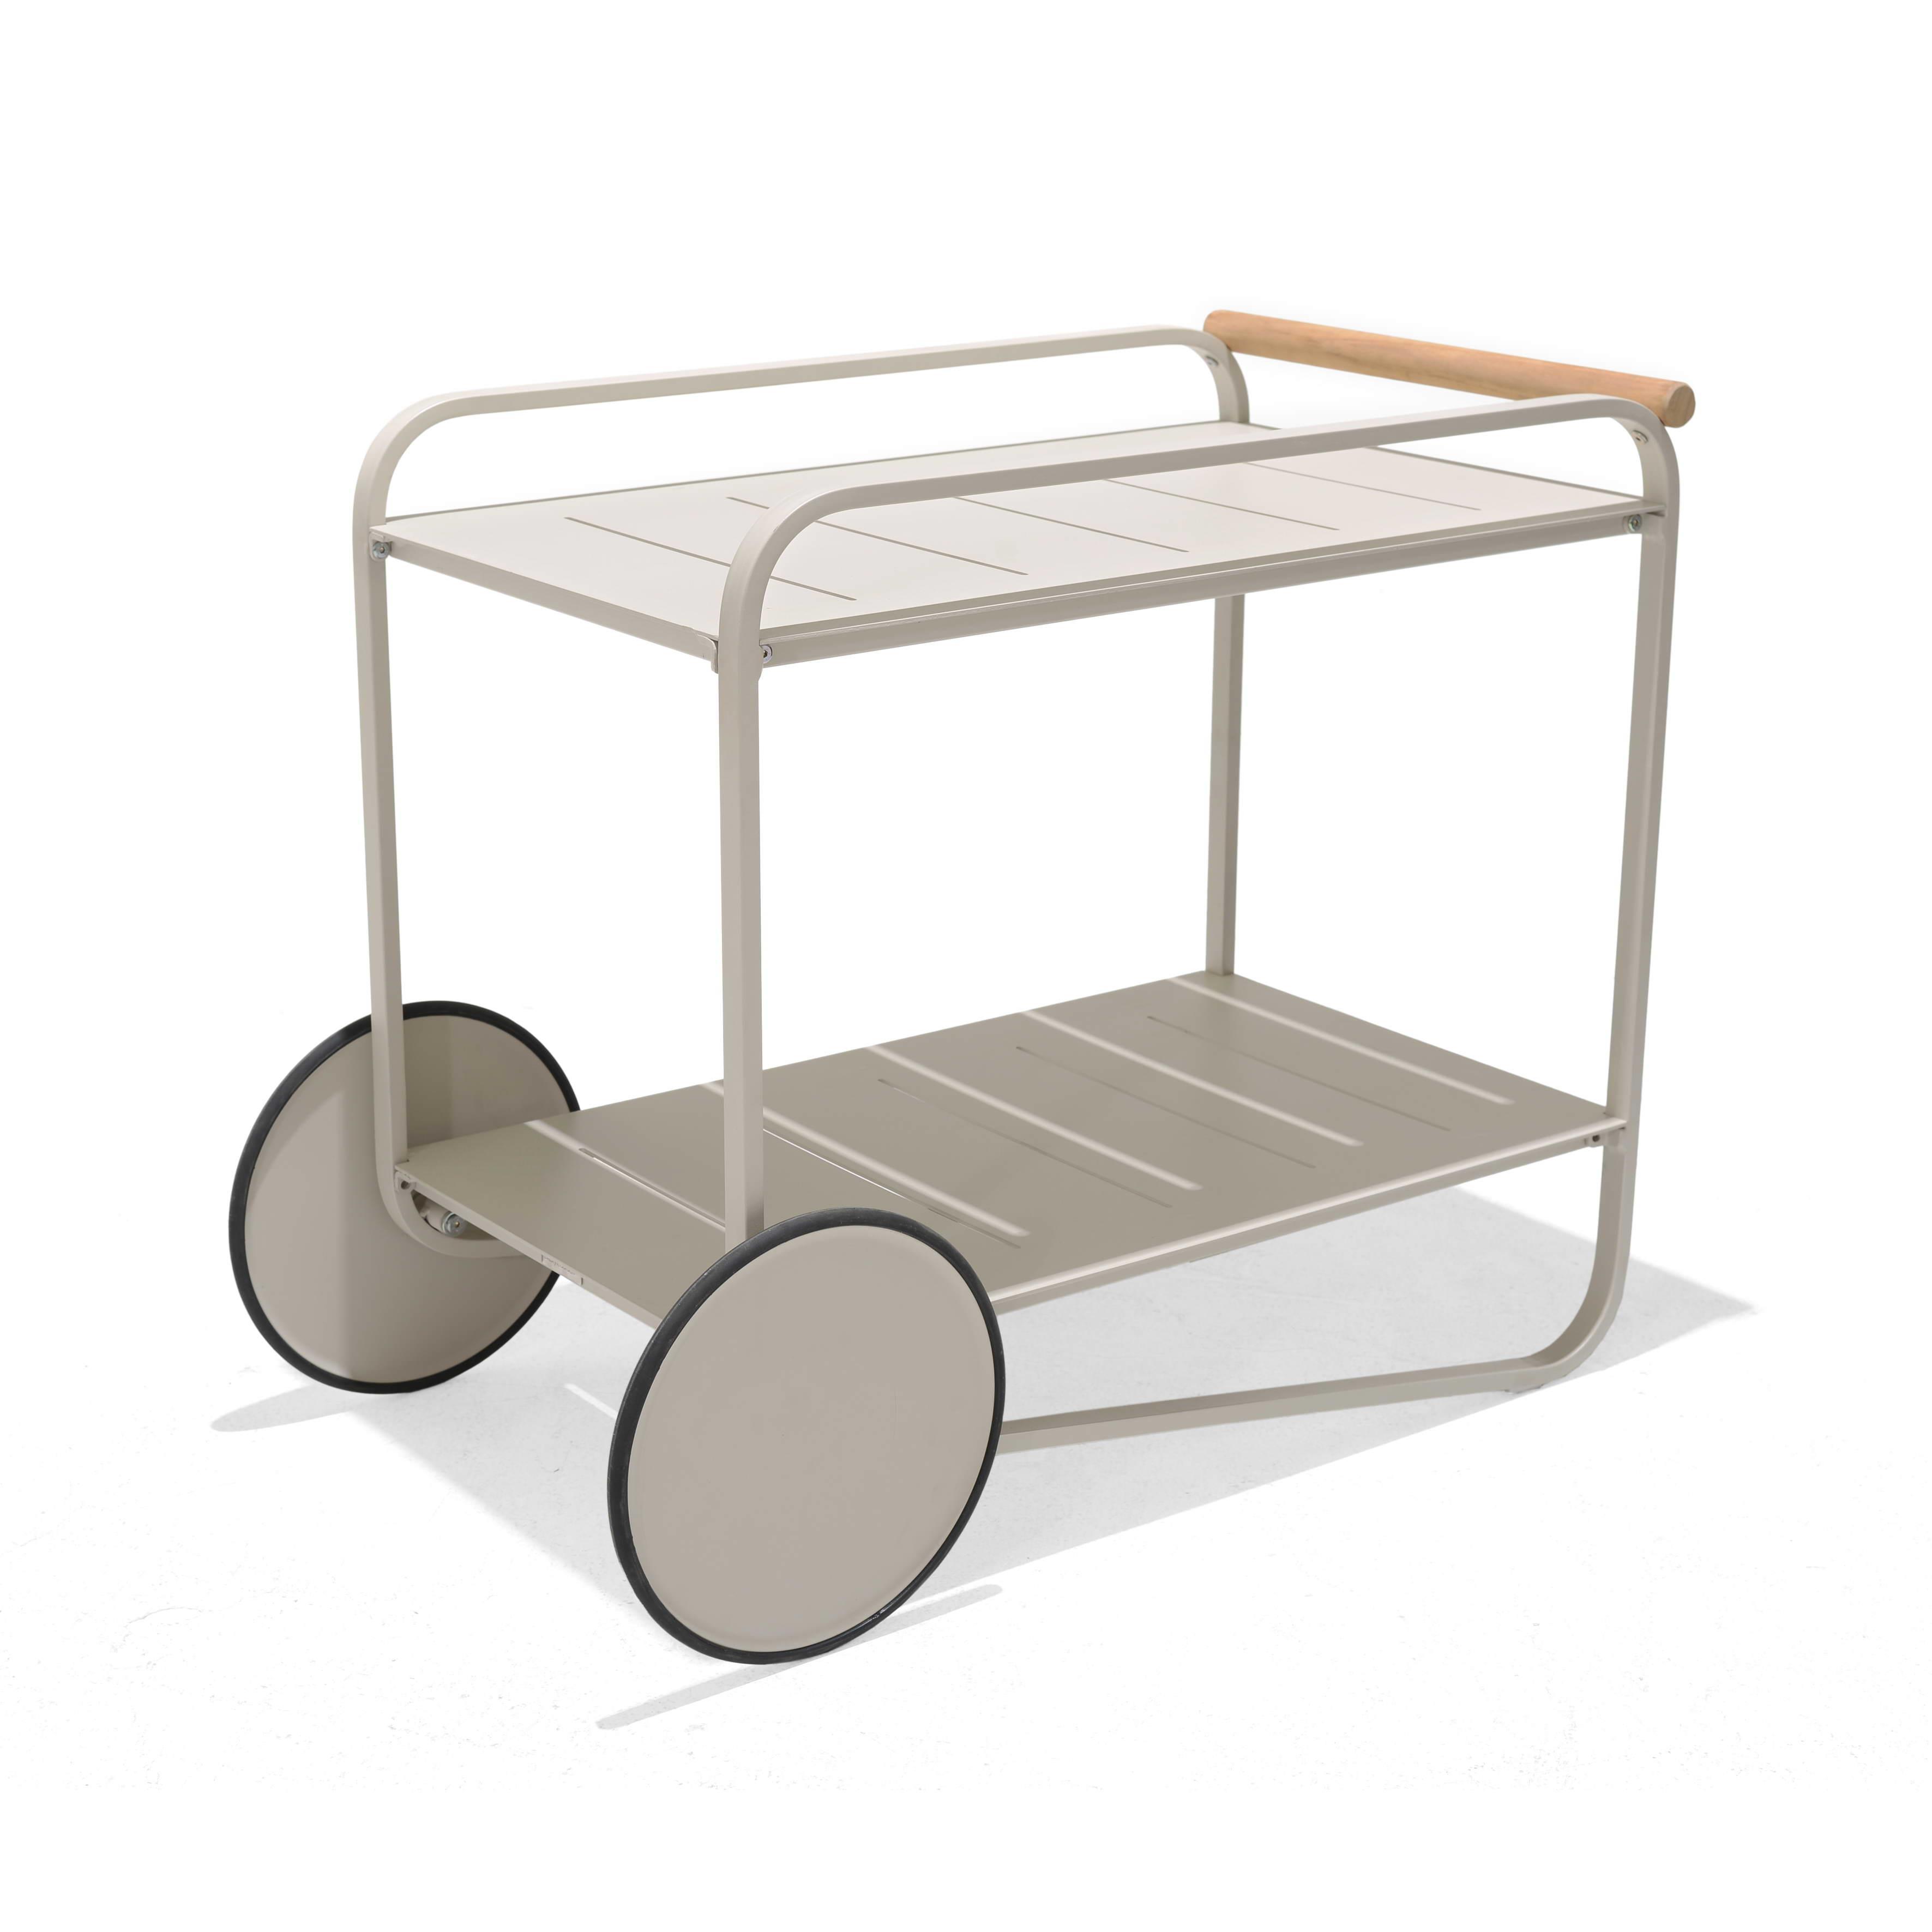 PORTALS Teewagen